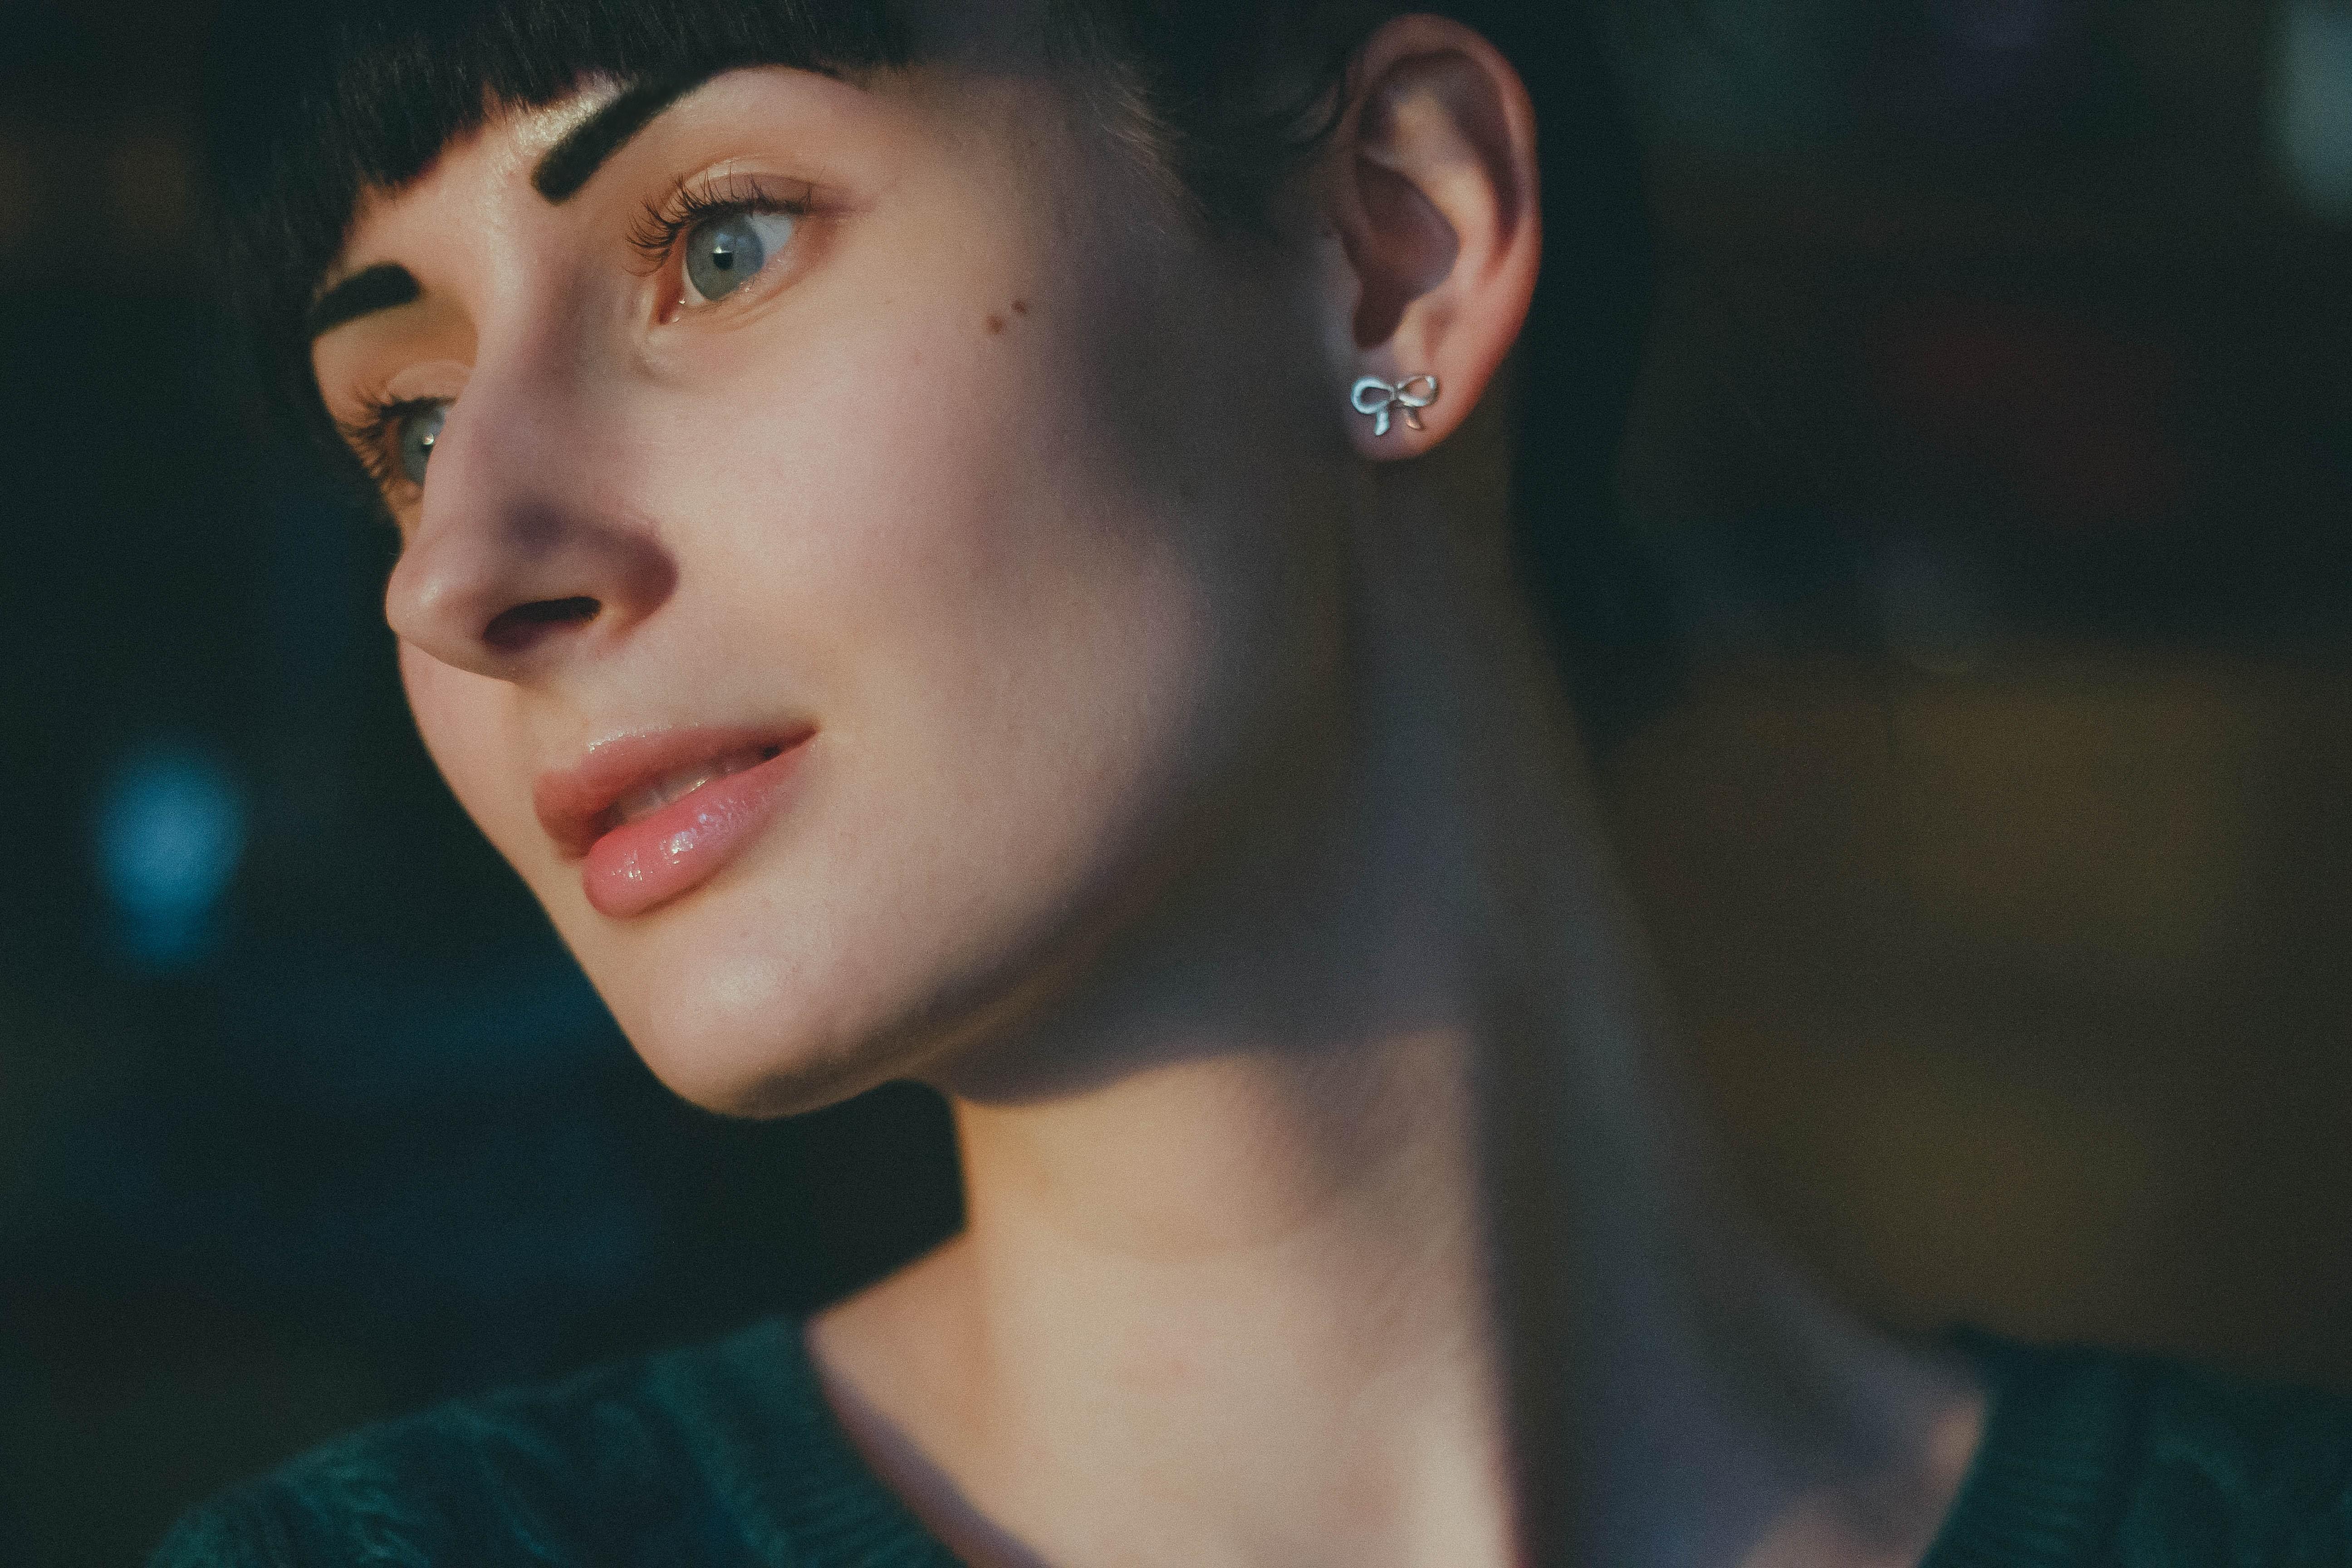 Masaüstü Yüz Kadınlar Model Portre Uzağa Bakmak Mavi Gözlü